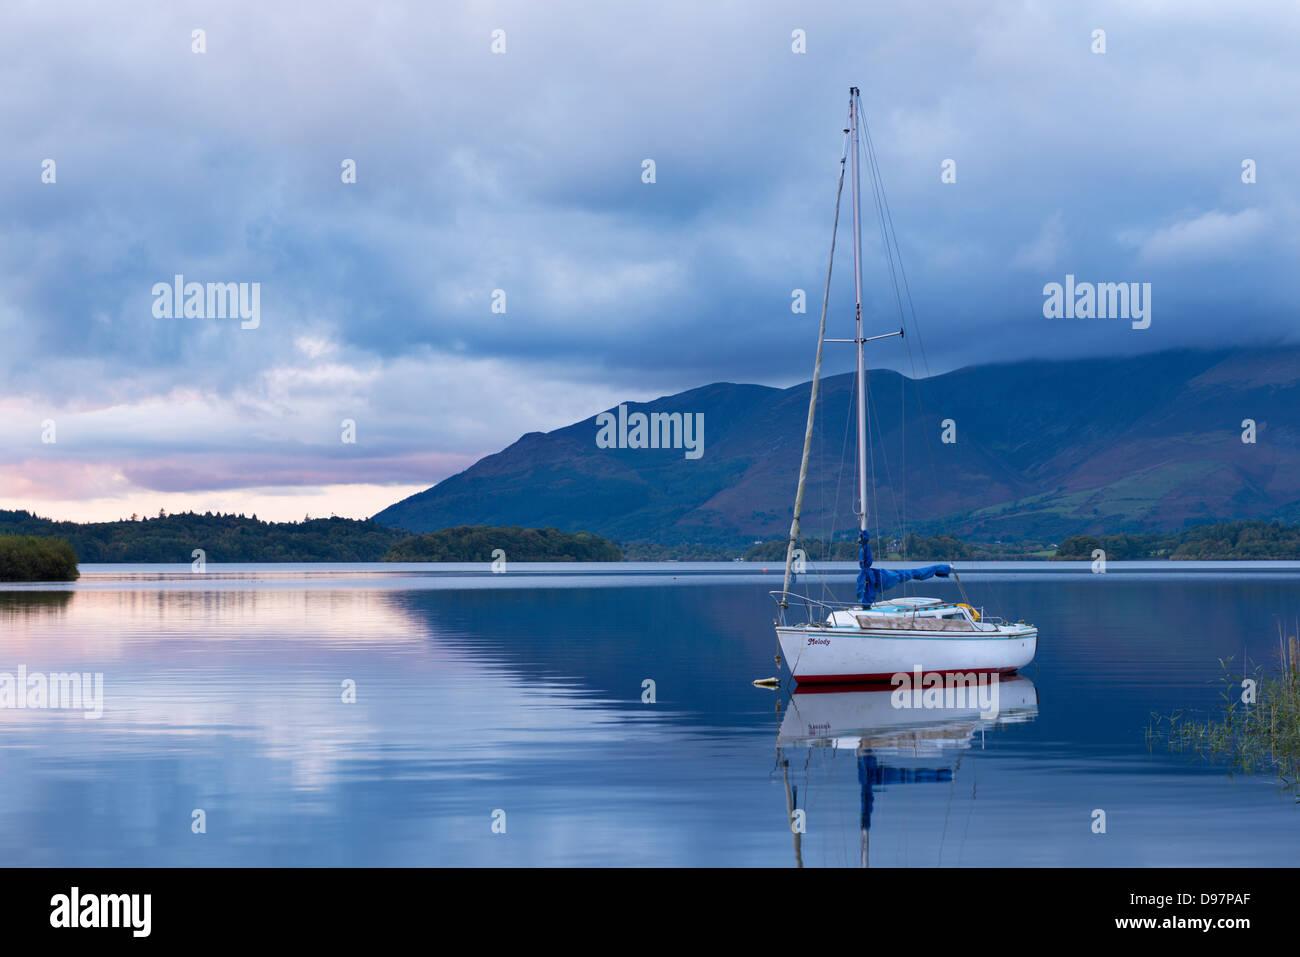 Velero anclado en el Derwent agua al atardecer, Lake District, Cumbria, Inglaterra. Otoño (octubre de 2012). Imagen De Stock